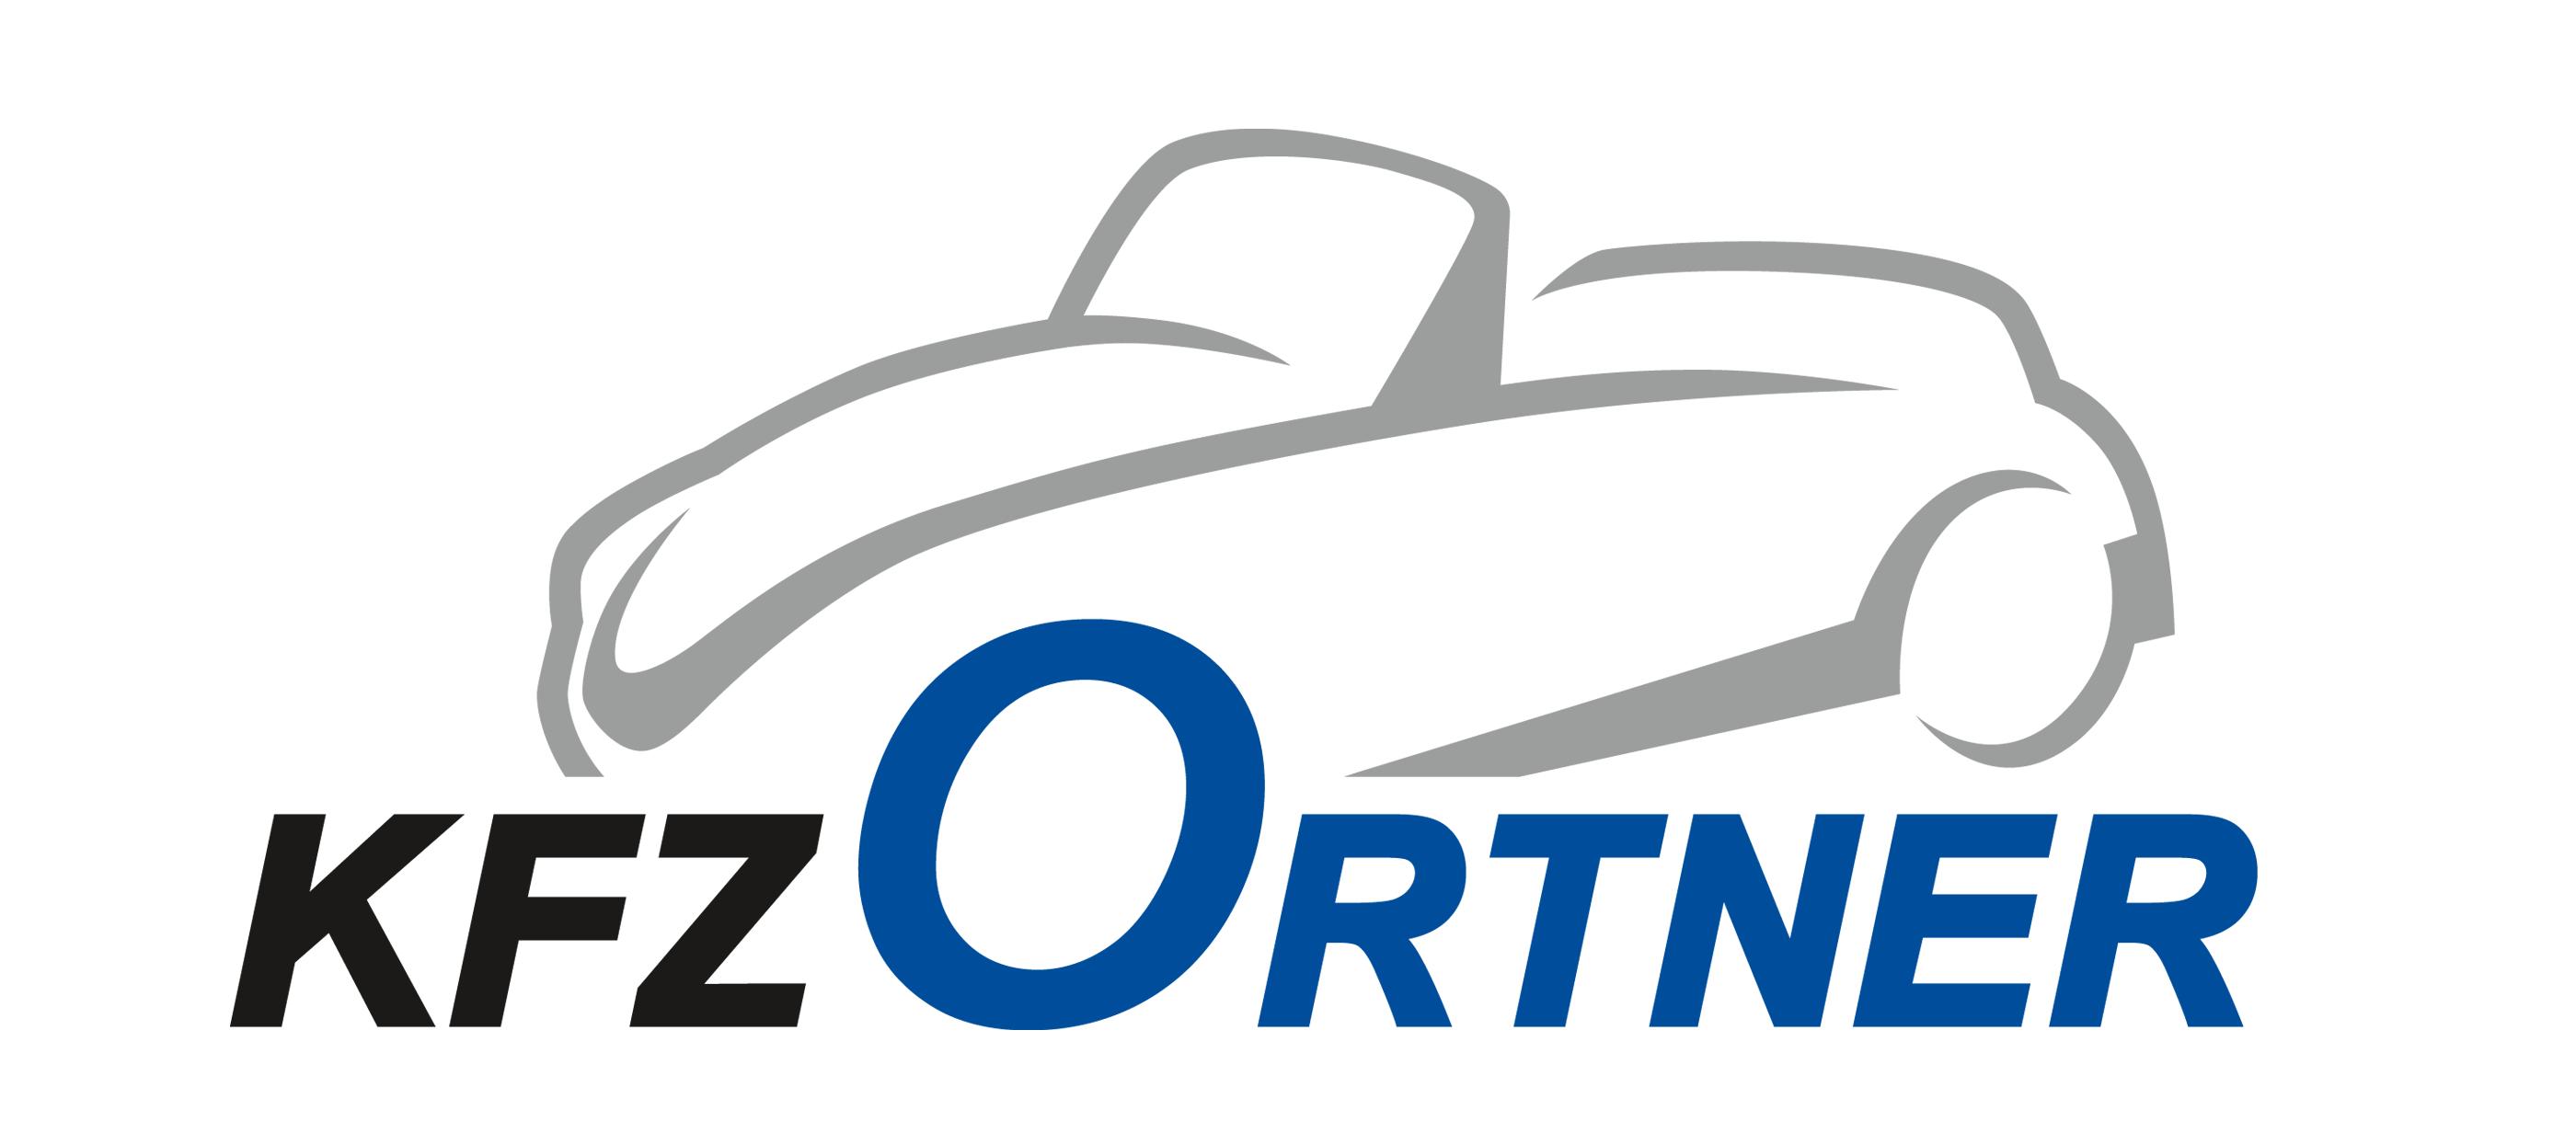 KFZ Ortner